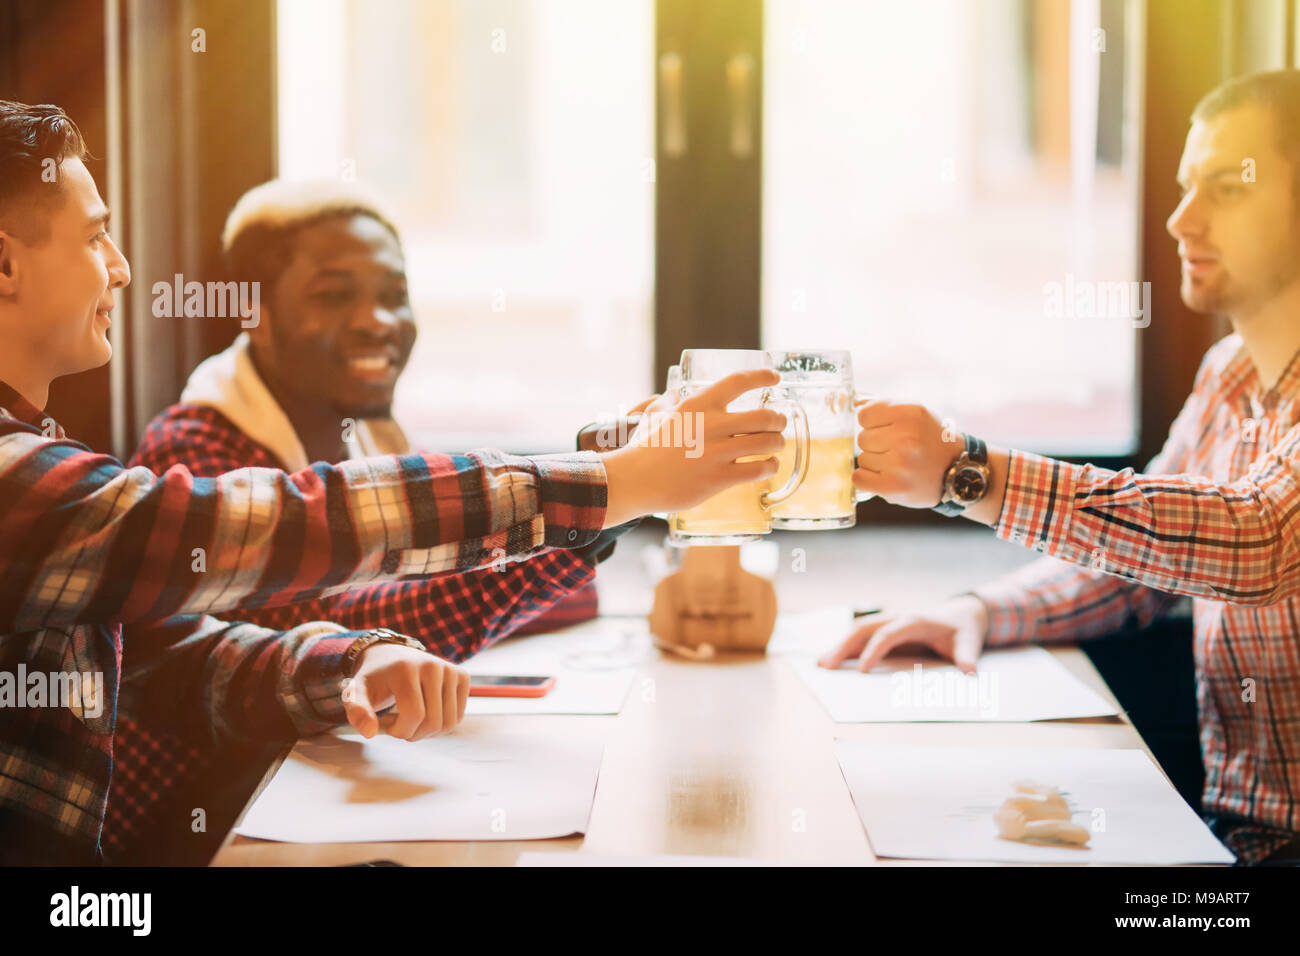 Les gens, les hommes, les loisirs, l'amitié et de fête concept - heureux amis boire une bière et clinking glasses au bar ou au pub Photo Stock